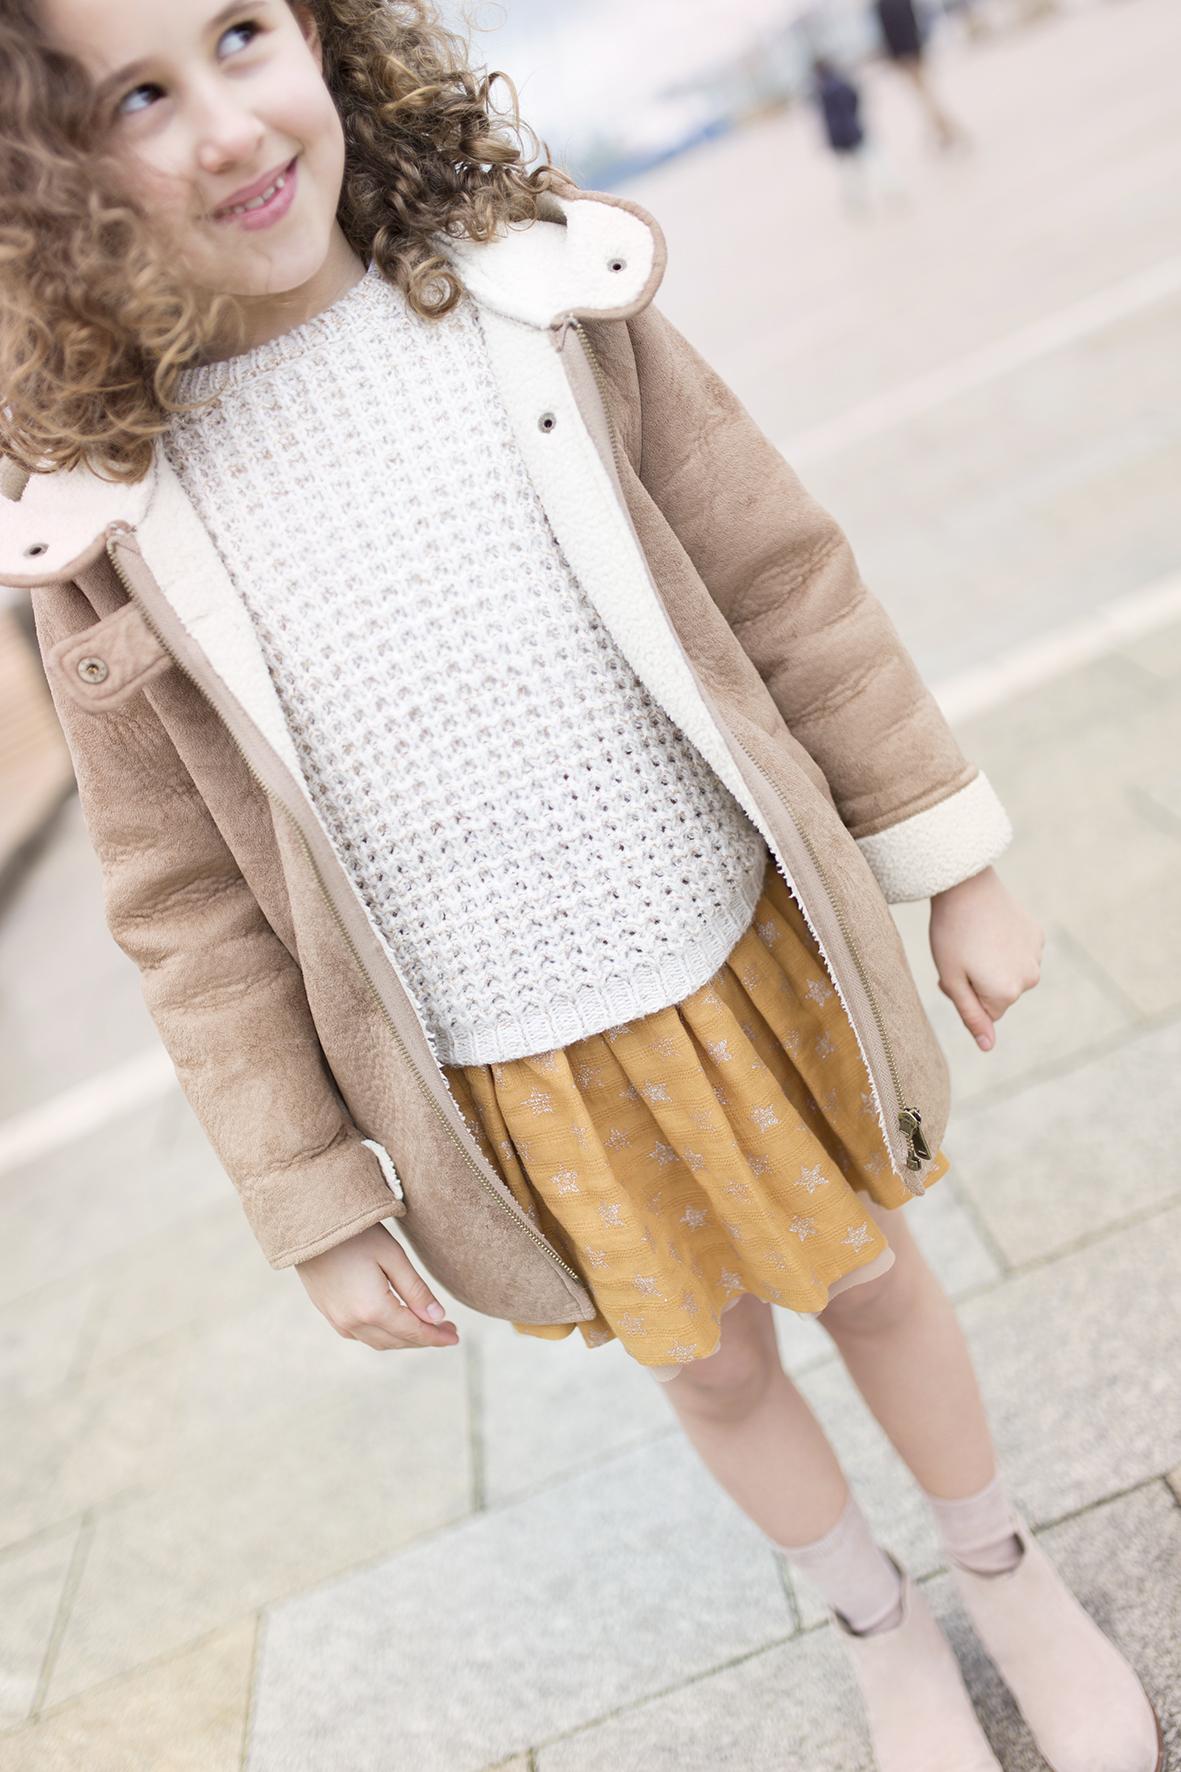 jimena-streetstyle- kids-Zara- descalzaporelparque-fashion -minime-moda-coruña-blogger-ZARA nueva colección